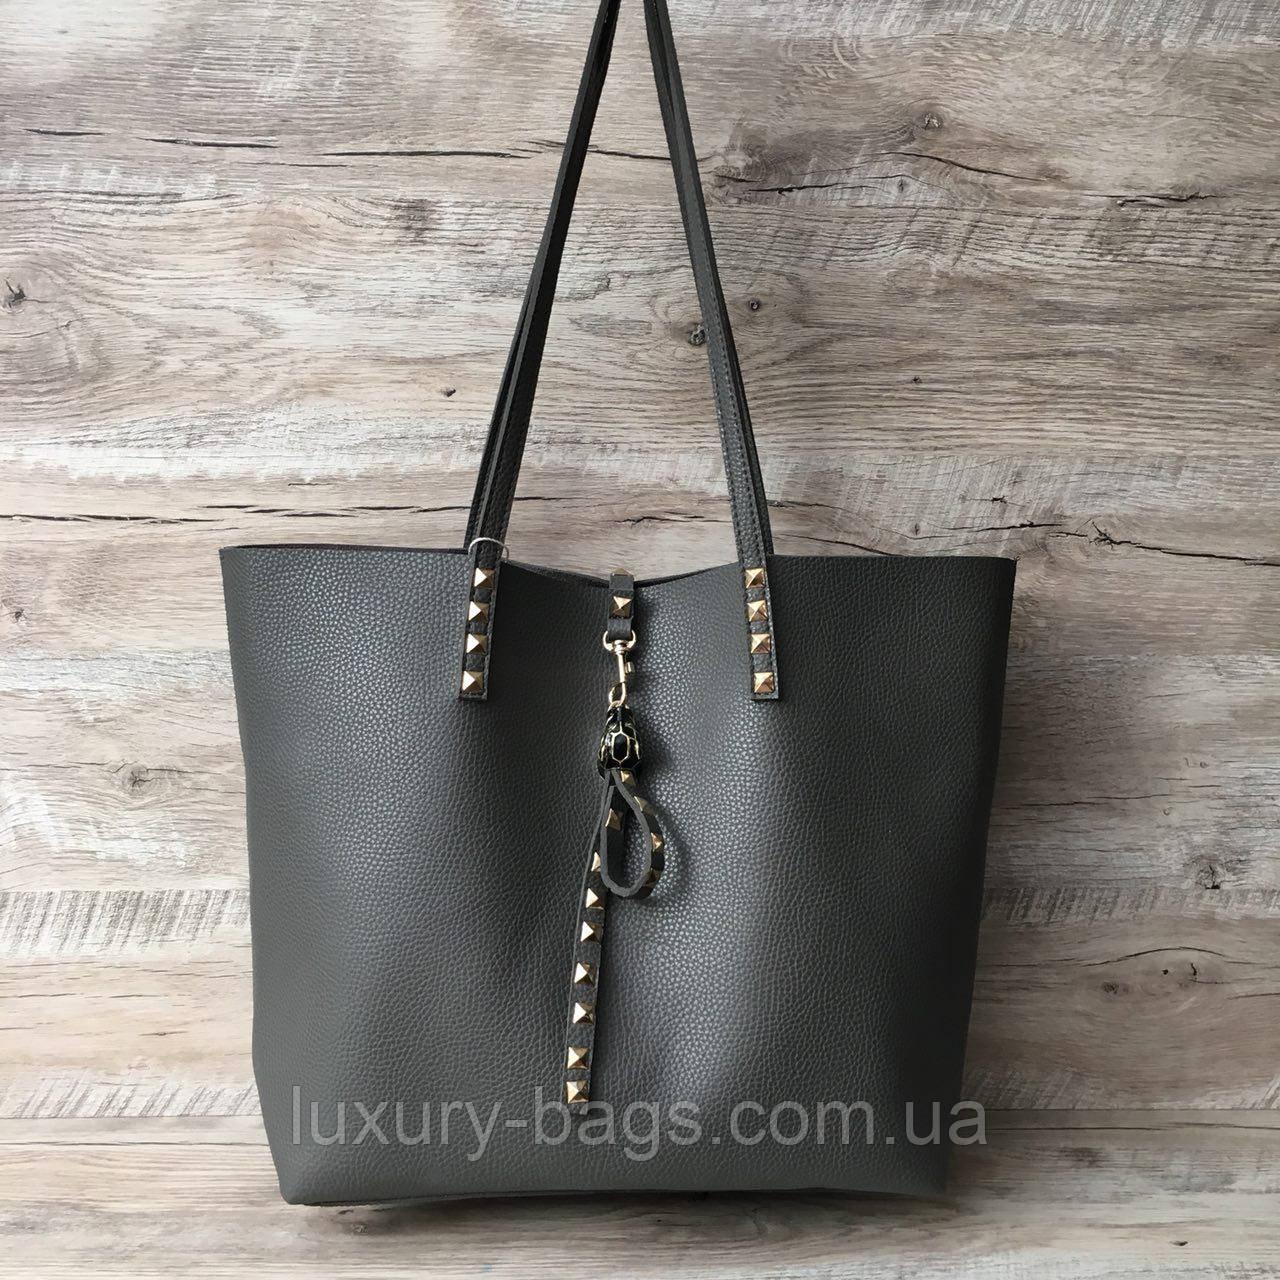 Стильная большая женская серая сумка